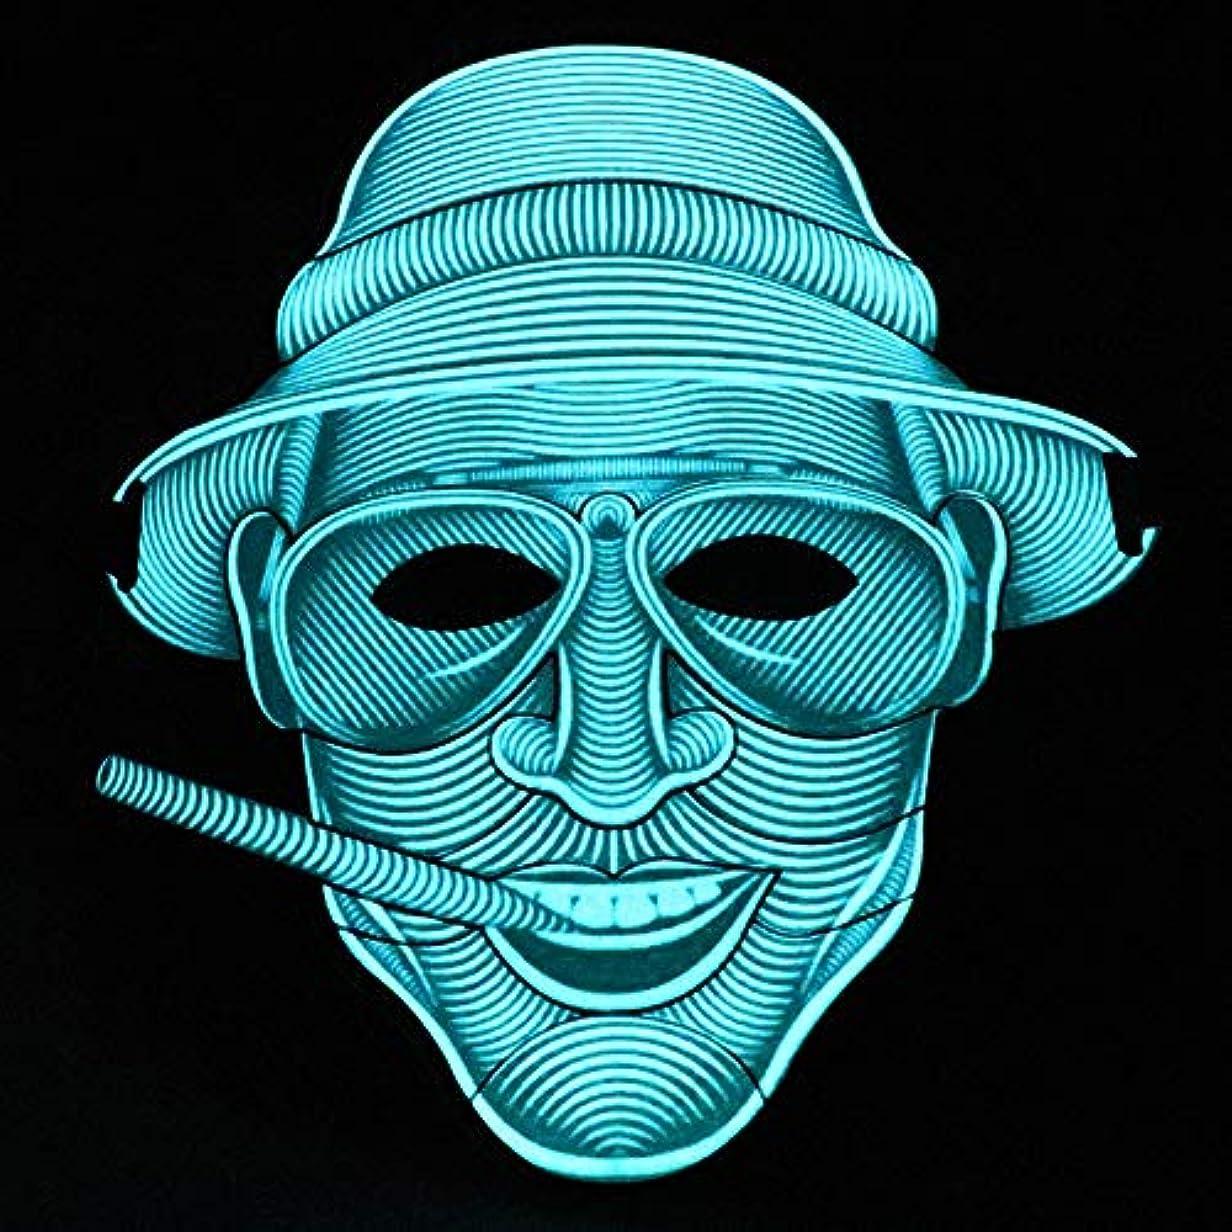 平らな承認する機転照らされたマスクLED創造的な冷光音響制御マスクハロウィンバーフェスティバルダンスマスク (Color : #18)